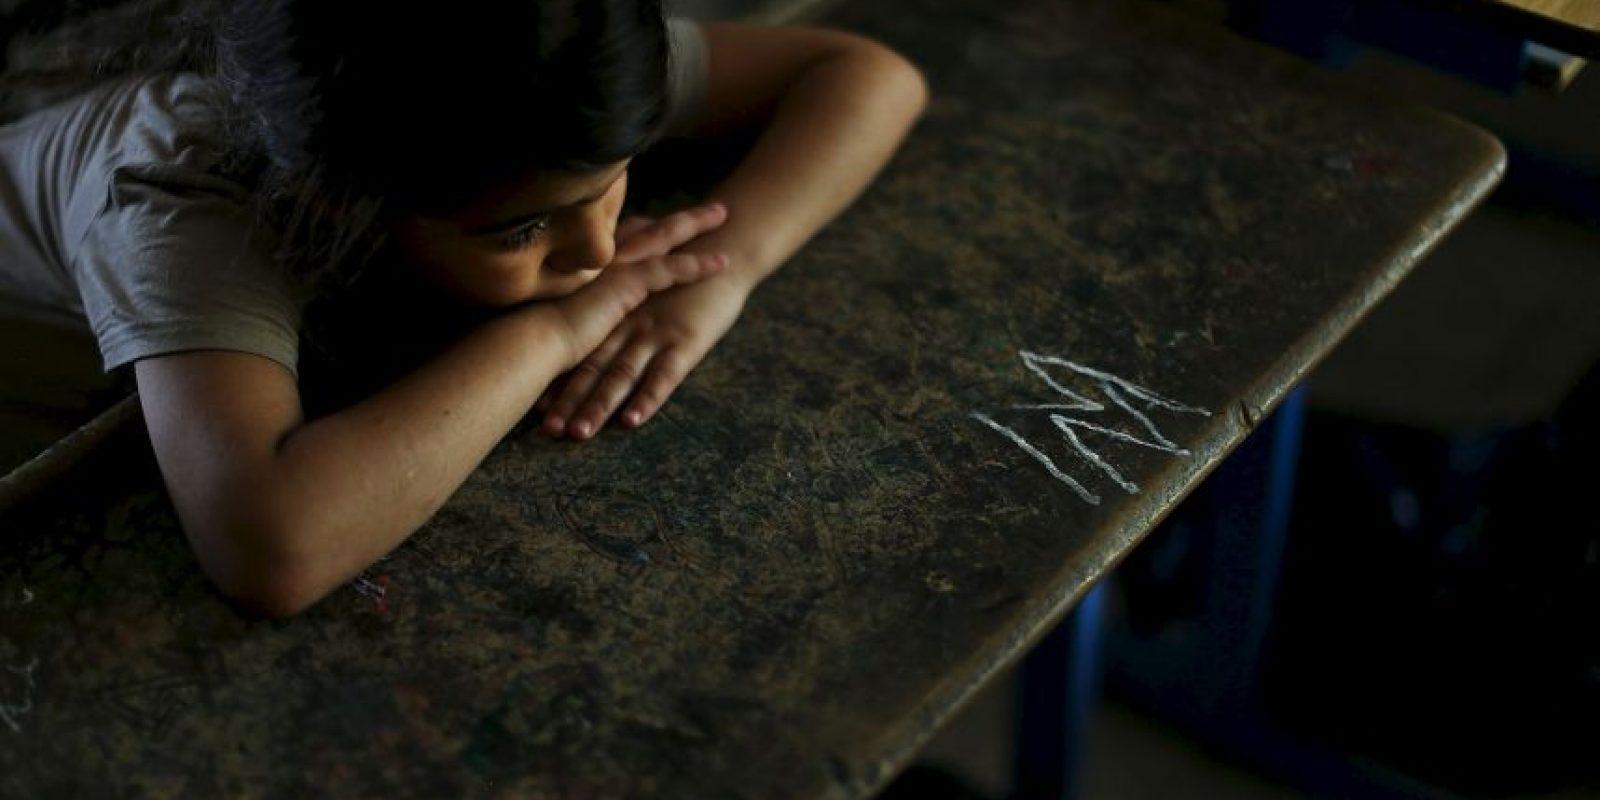 Alrededor de un 17% de los niños de 58 países están sujetos a formas graves de castigo físico (golpes en la cabeza, las orejas o la cara o golpes duros y repetidos). Foto:Getty Images